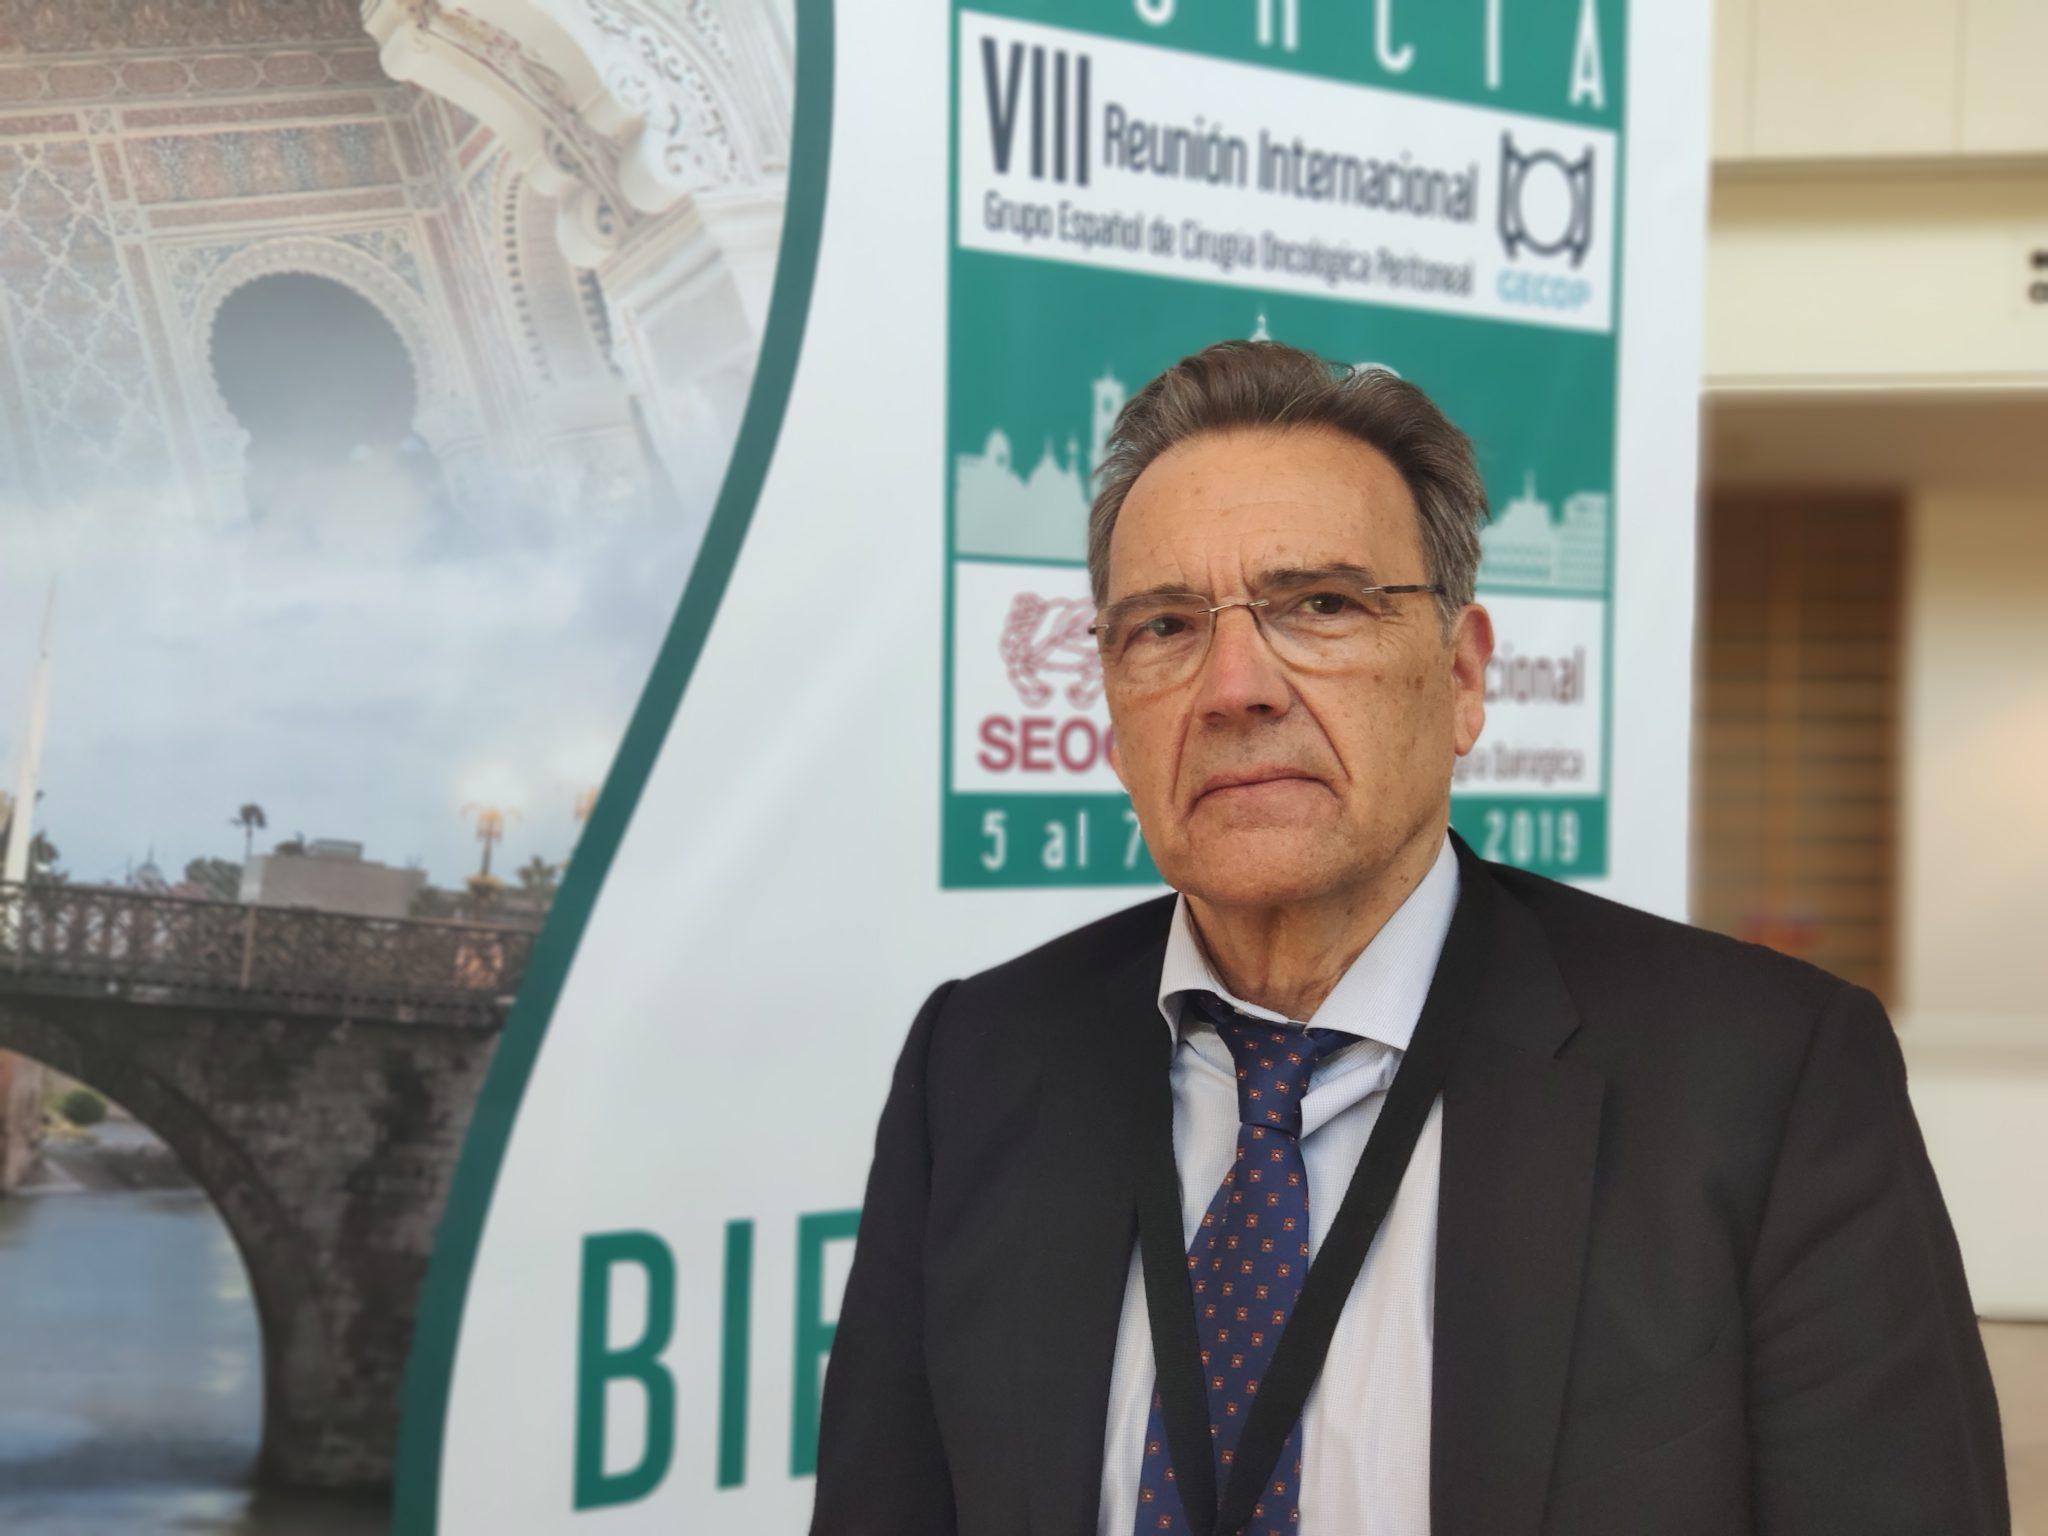 Entrevista al Dr. Pedro Barrios